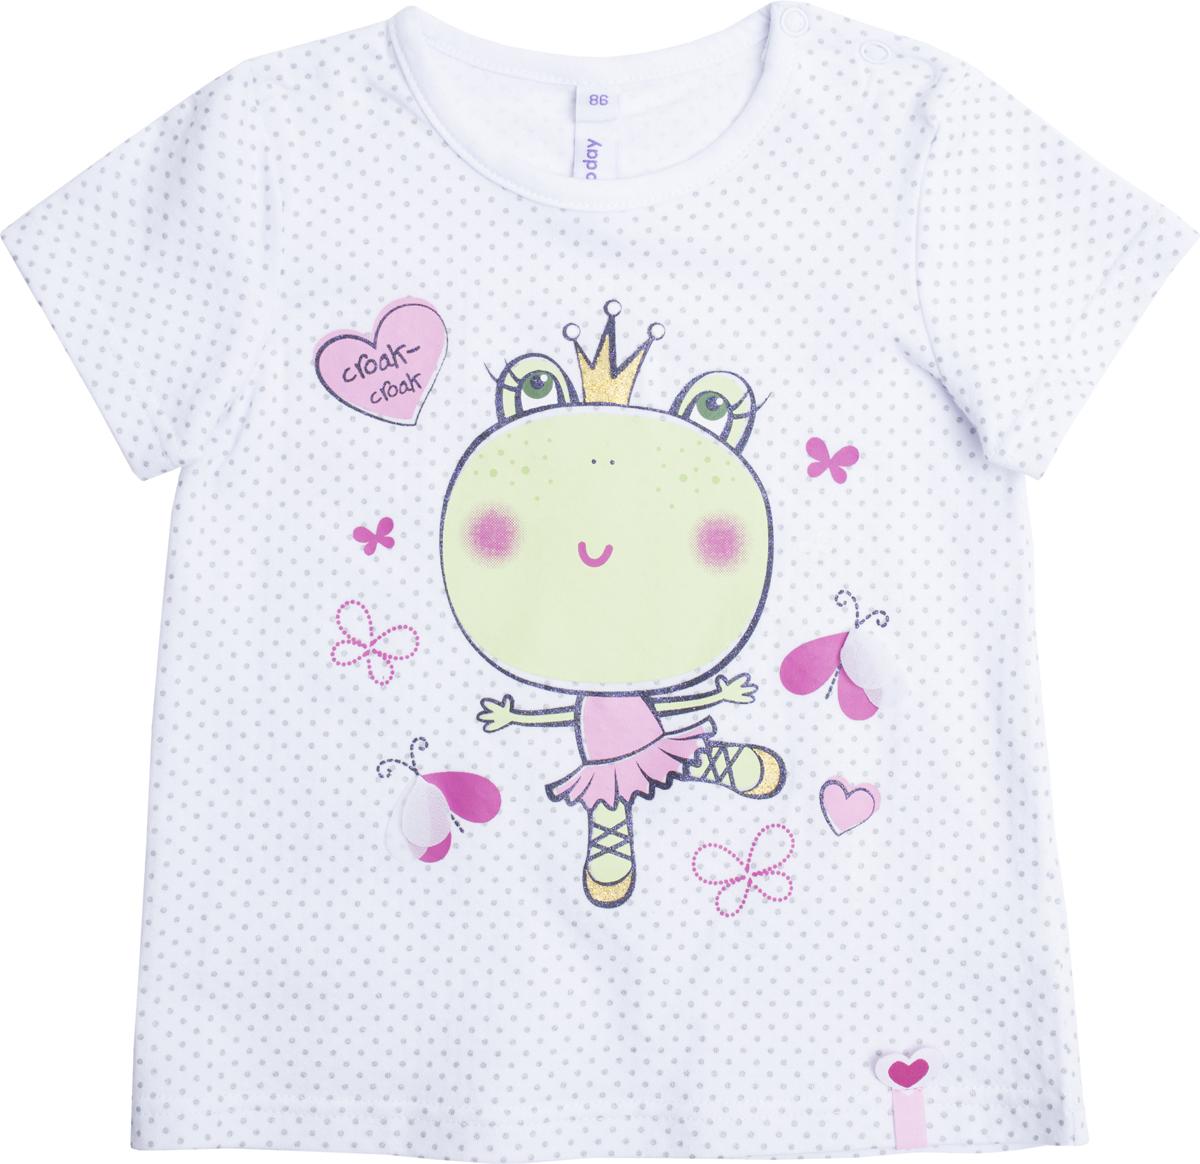 Комплект для девочки PlayToday: футболка, брюки, цвет: белый, светло-зеленый. 188068. Размер 92188068